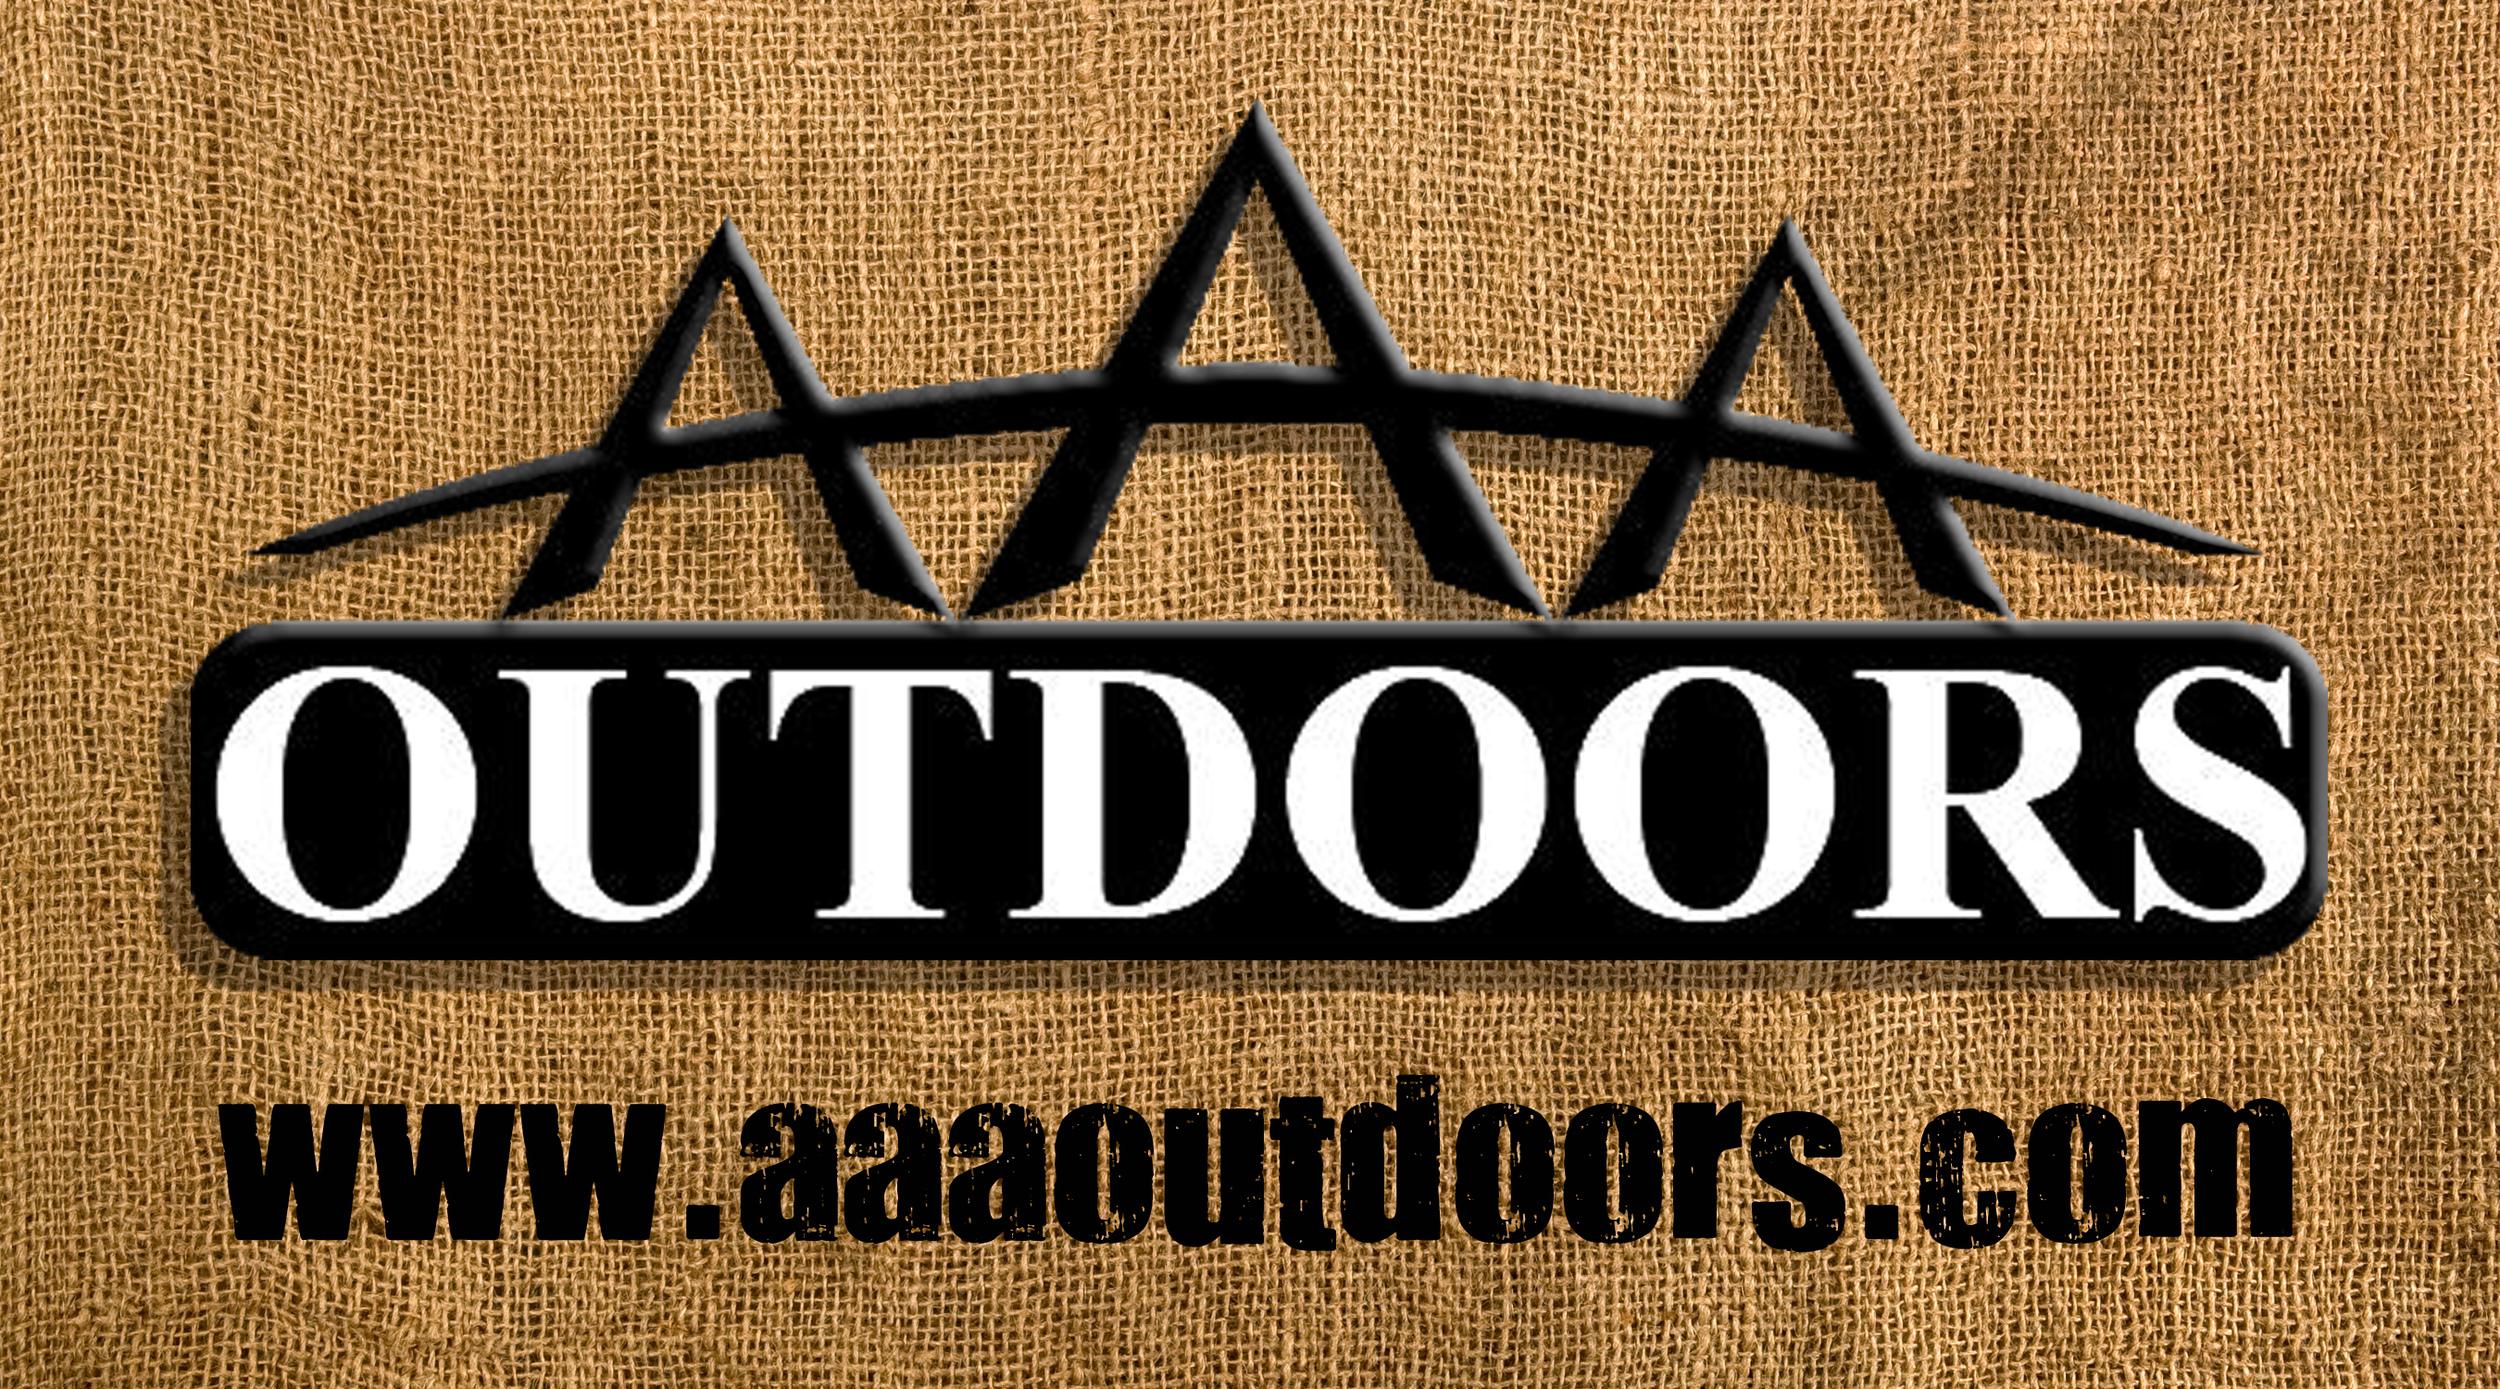 aaa outdoors ad.jpg